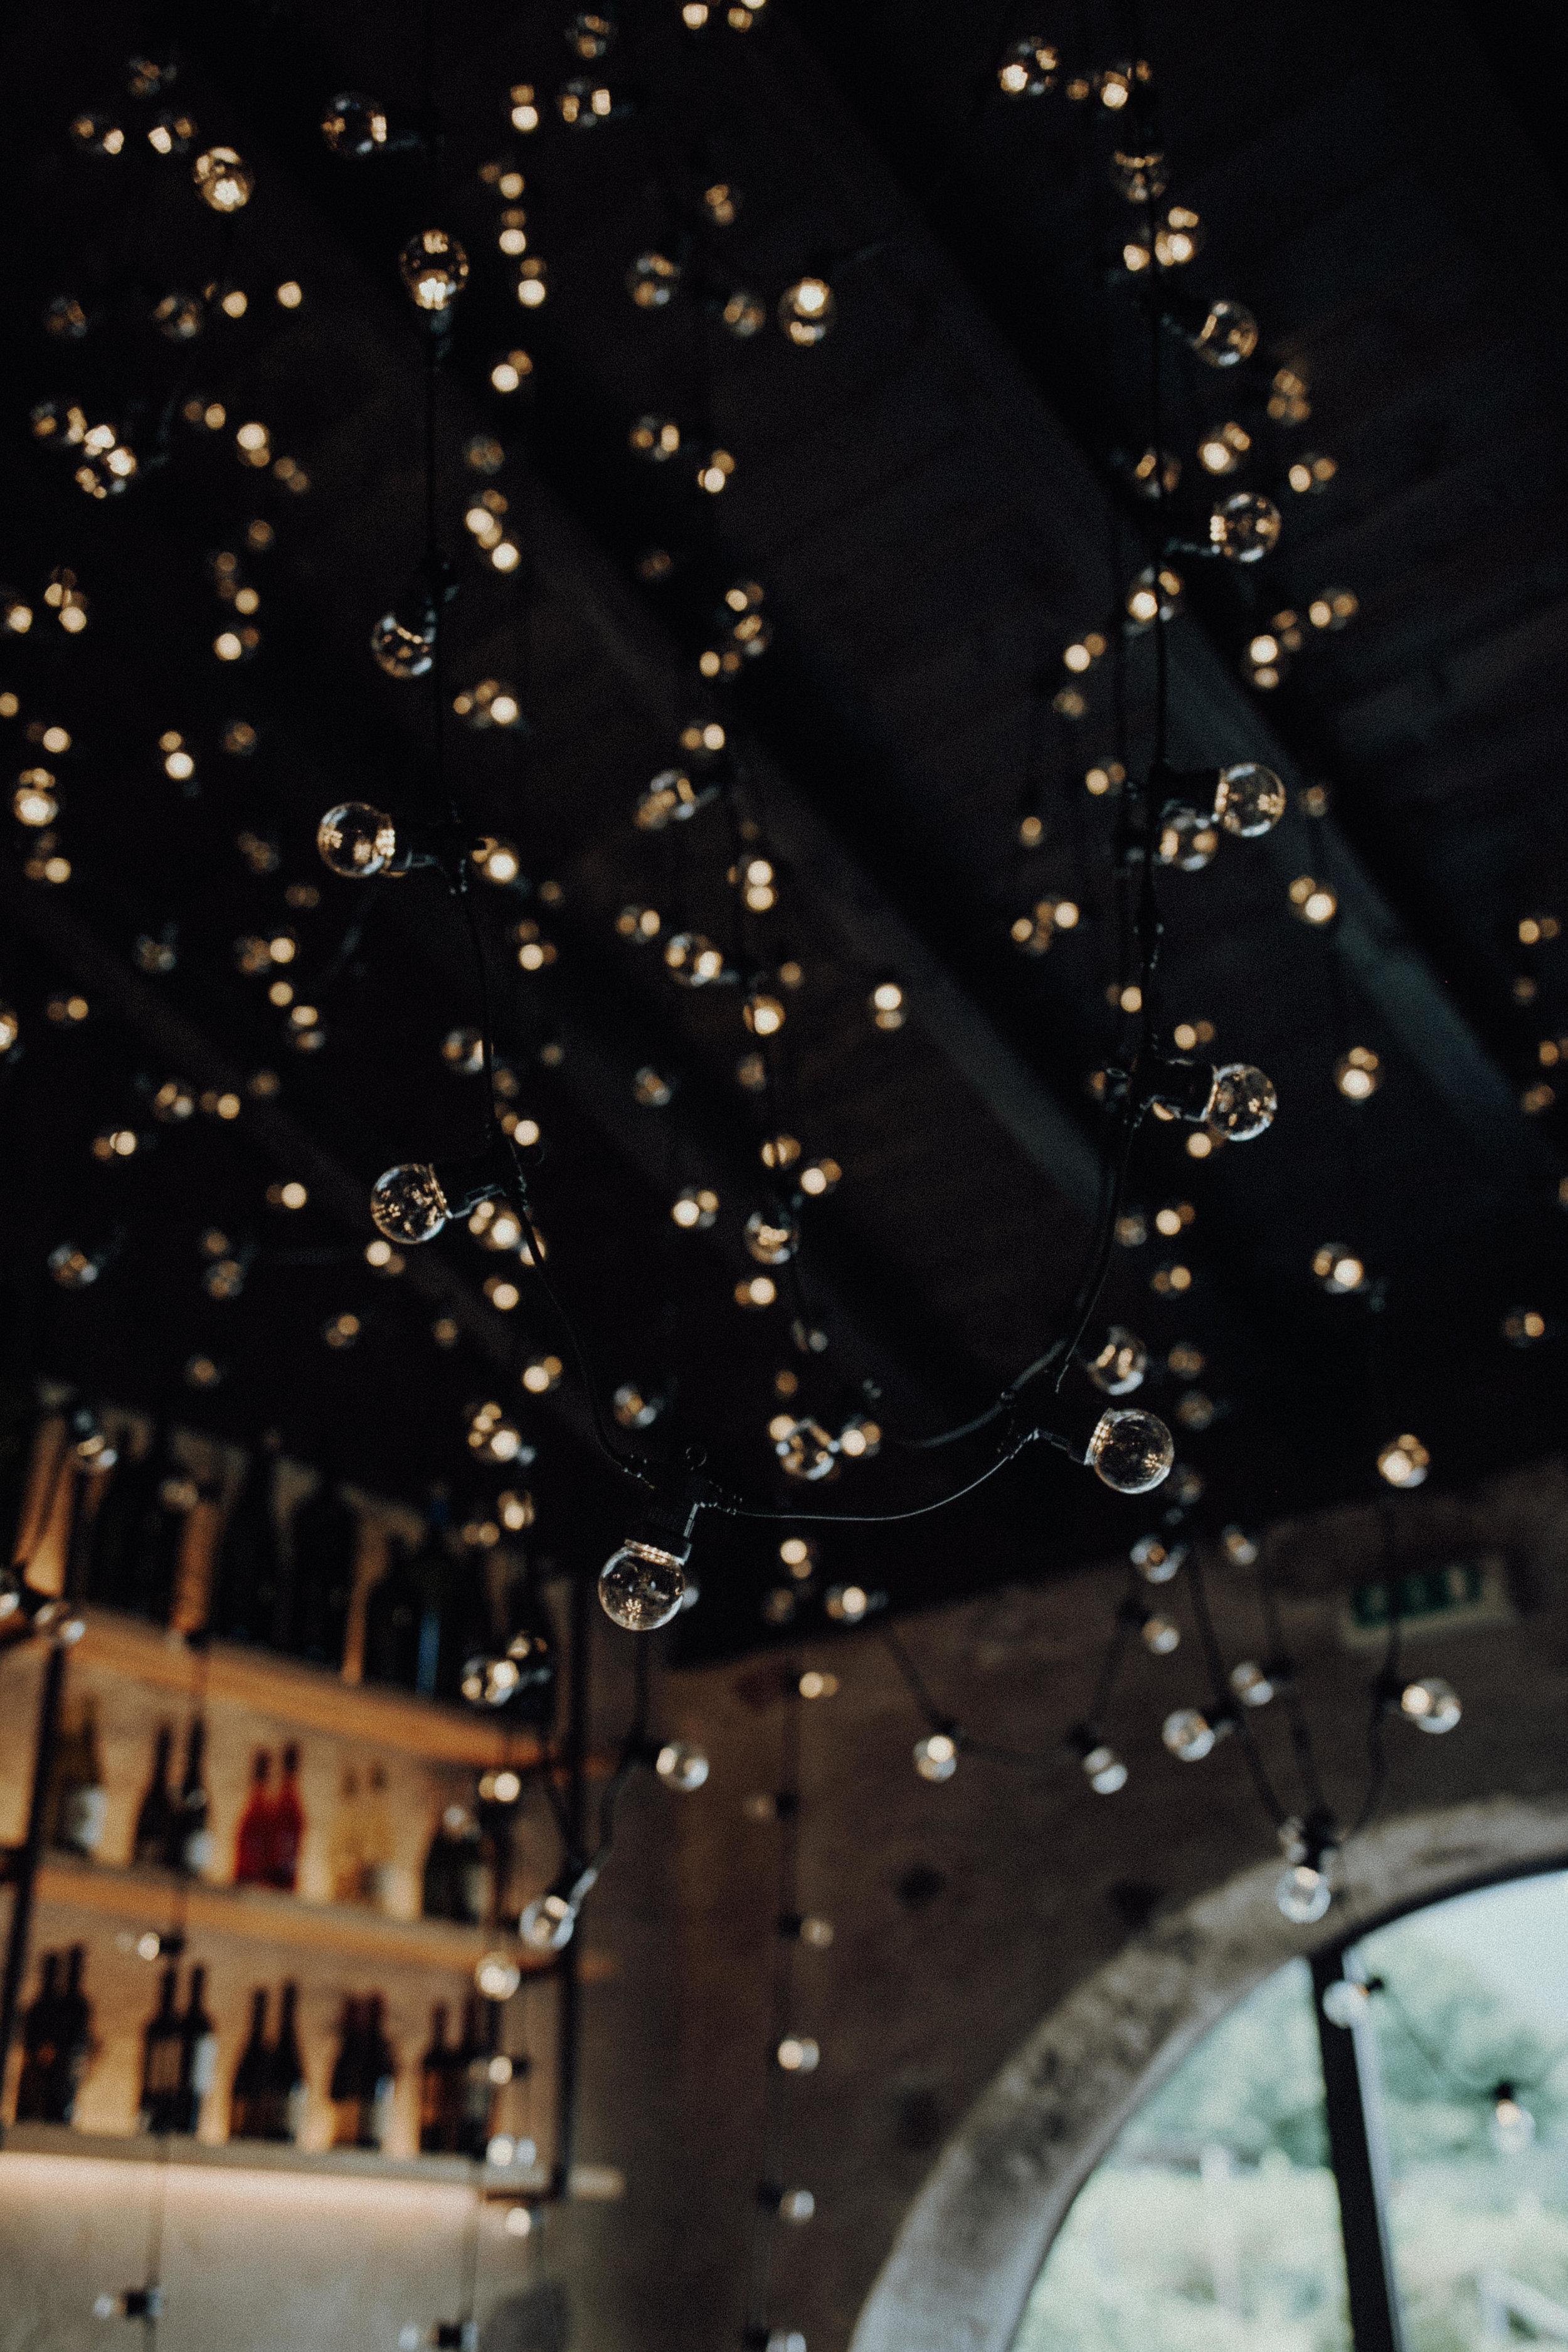 Deckendekoration Glühbirnen Tanzfläche